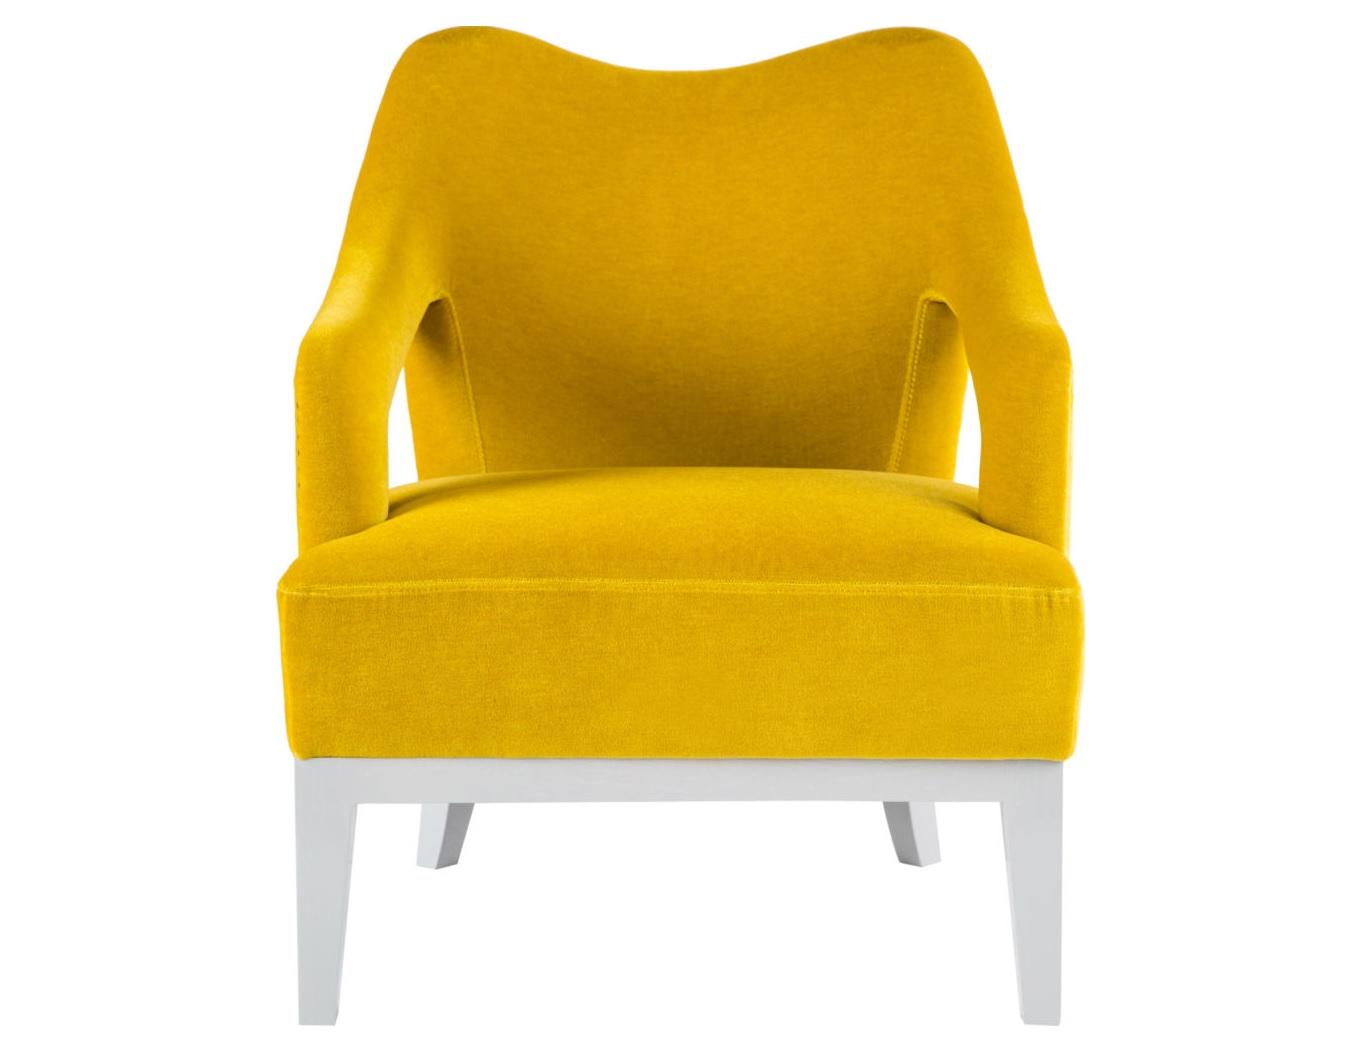 Кресло HelenИнтерьерные кресла<br><br><br>Material: Текстиль<br>Ширина см: 72<br>Высота см: 85<br>Глубина см: 80